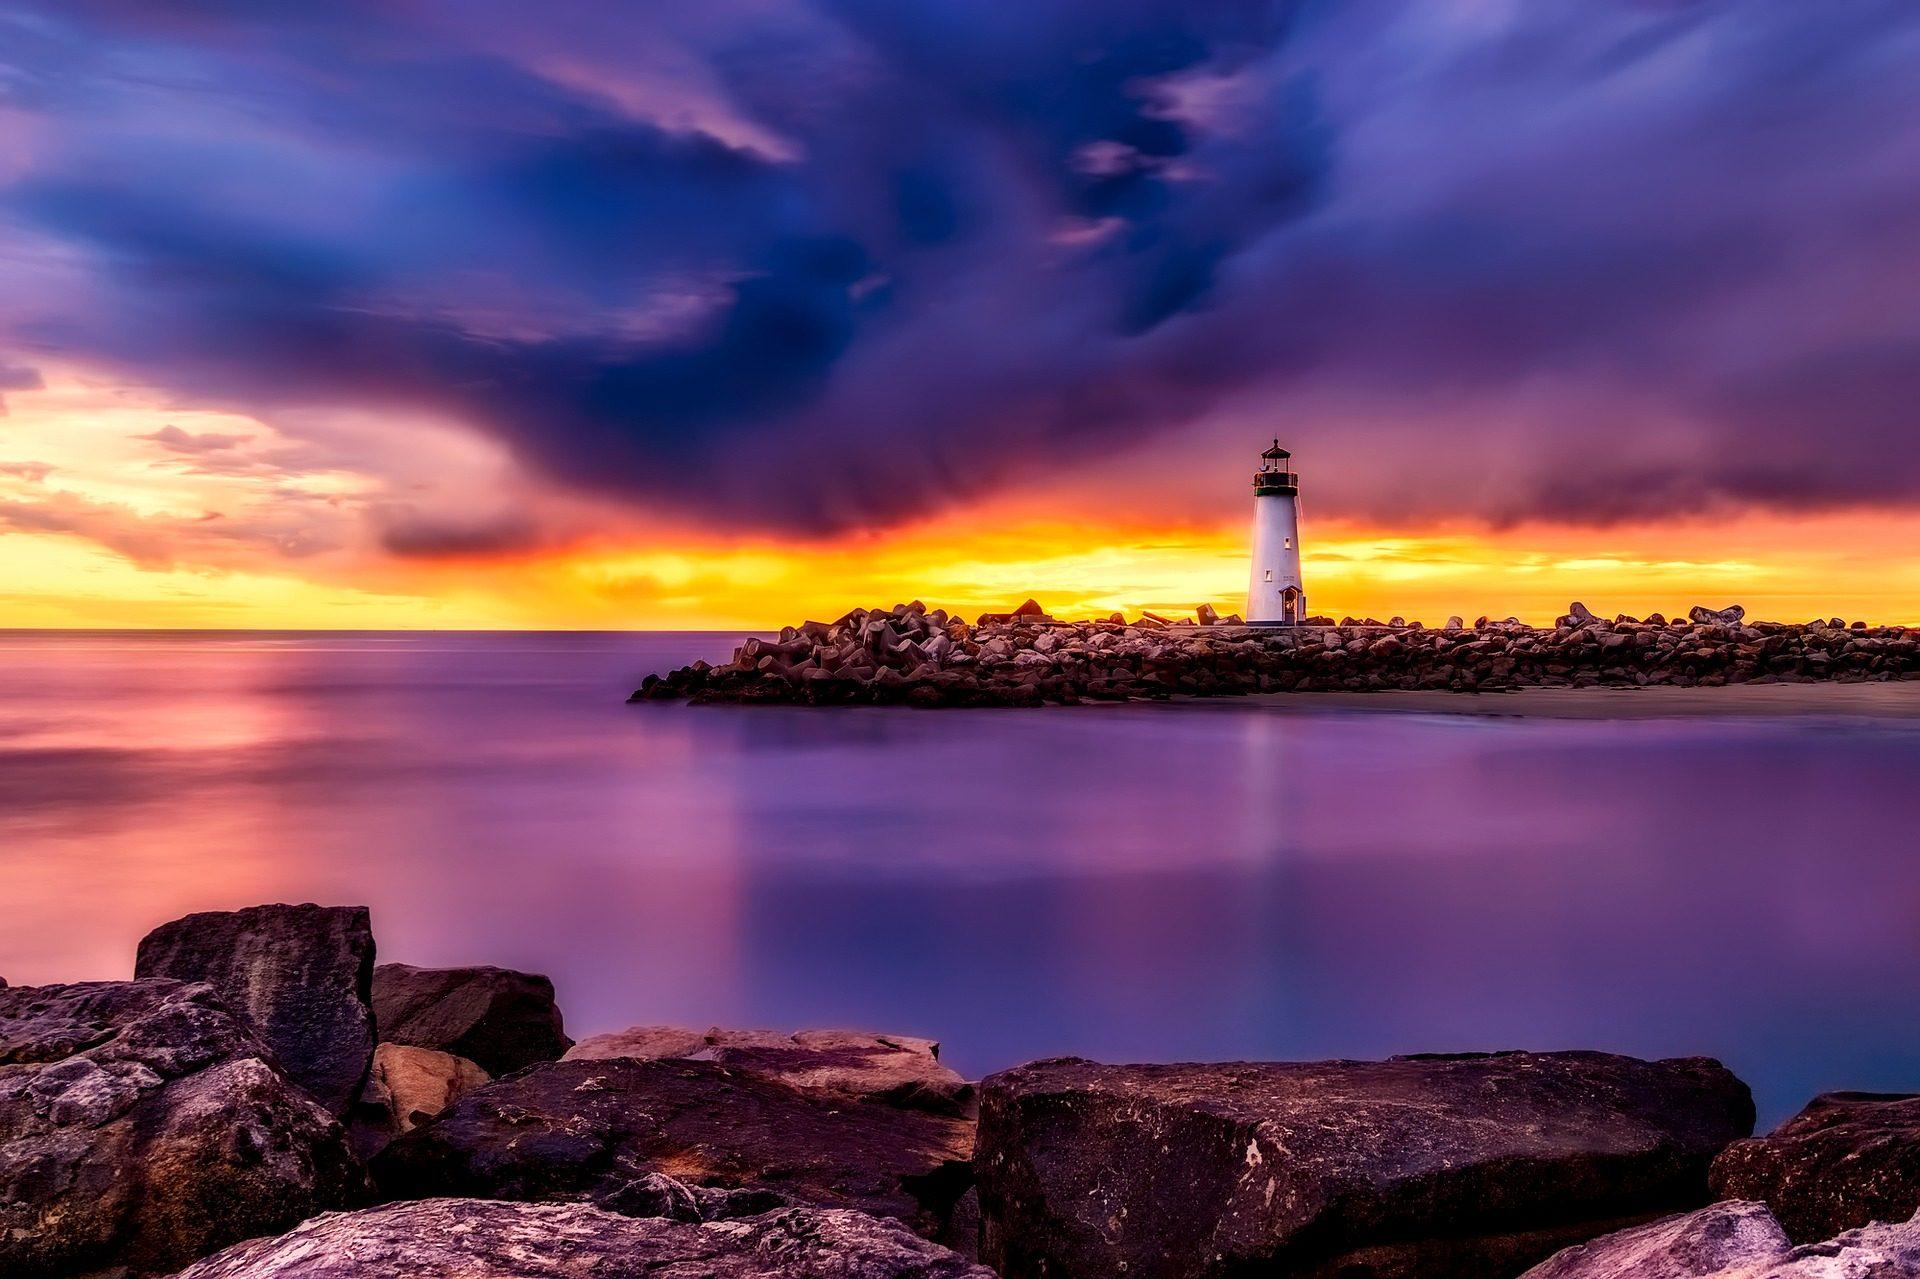 प्रकाशस्तंभ, Rocas, पत्थर, कोस्टा, सागर, बादल, सूर्यास्त, सांता क्रूज़, कैलिफोर्निया - HD वॉलपेपर - प्रोफेसर-falken.com